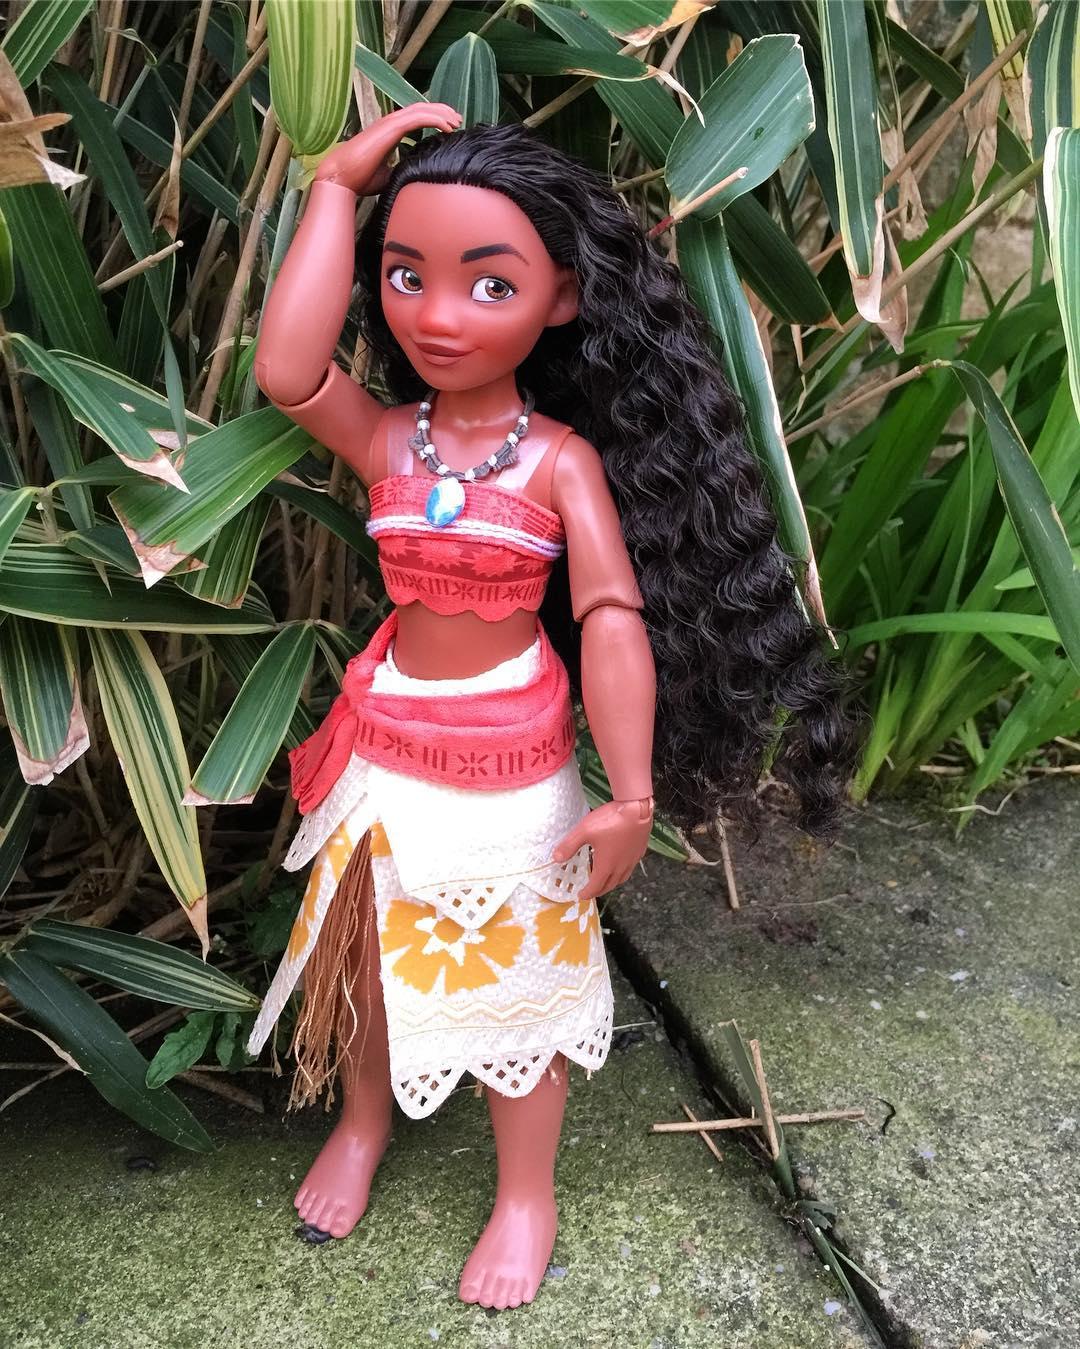 оформления садового фото кукол моаны и барби исполнила так